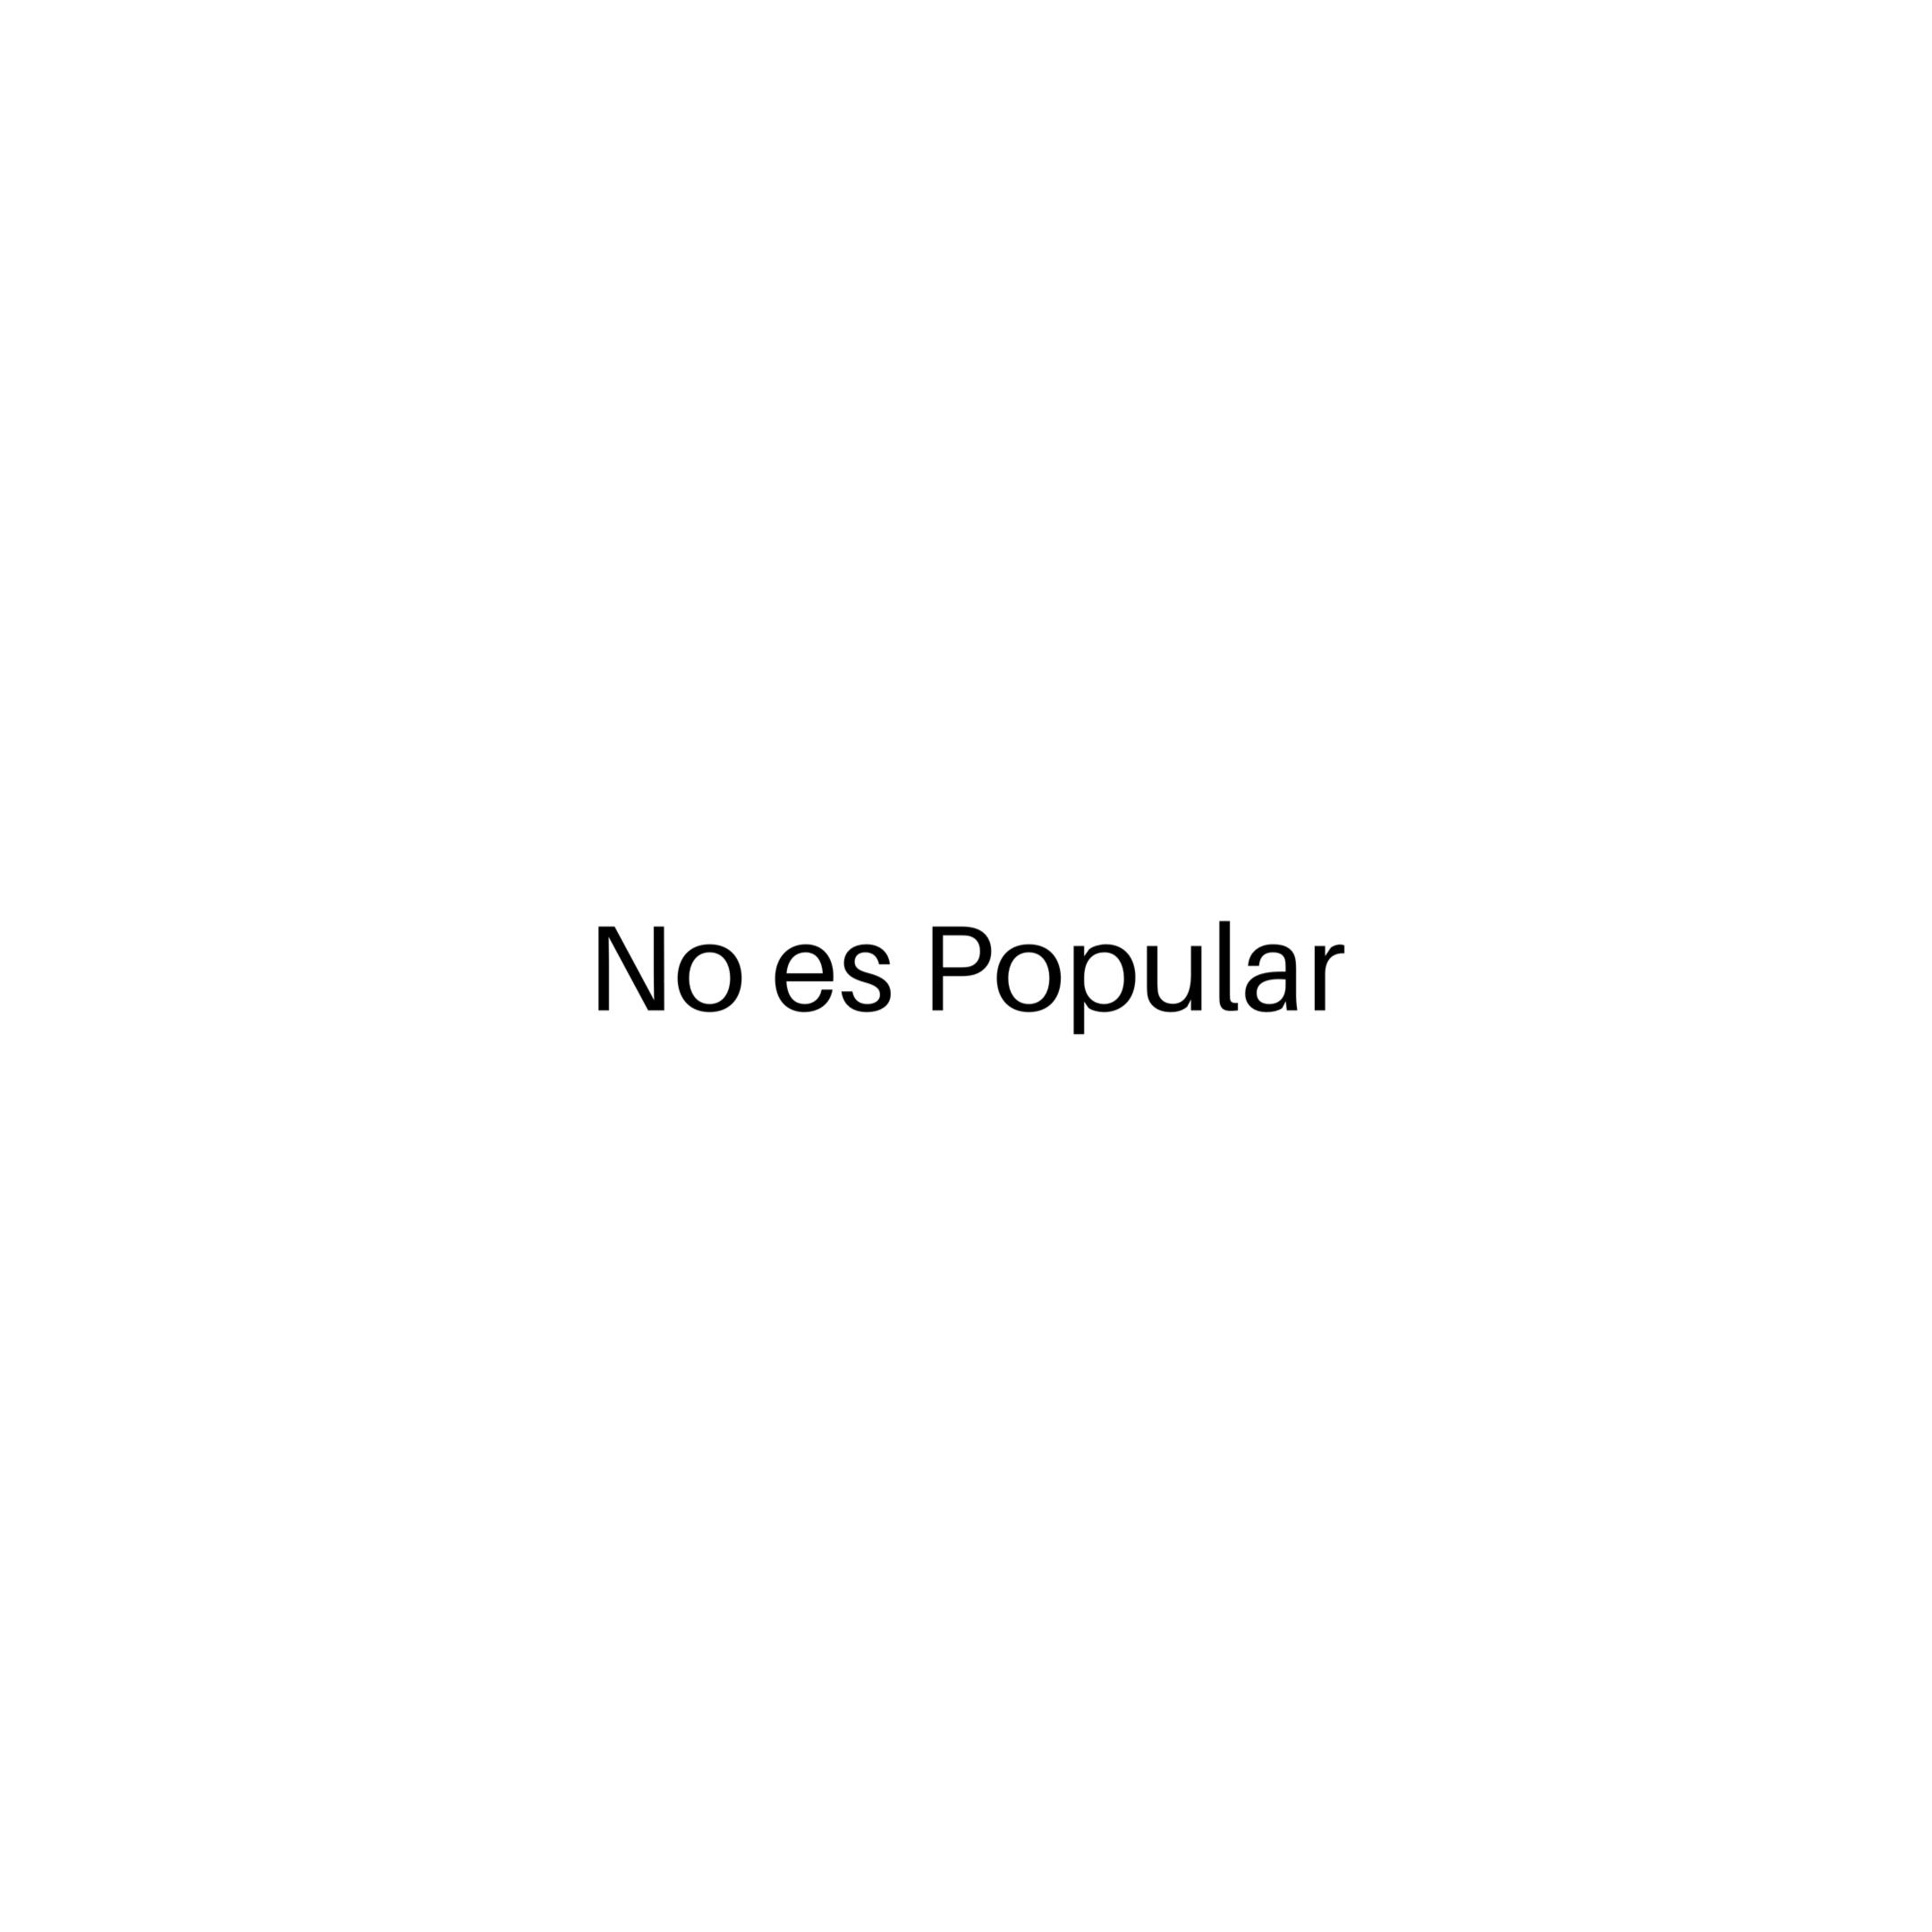 NO ES POPULAR